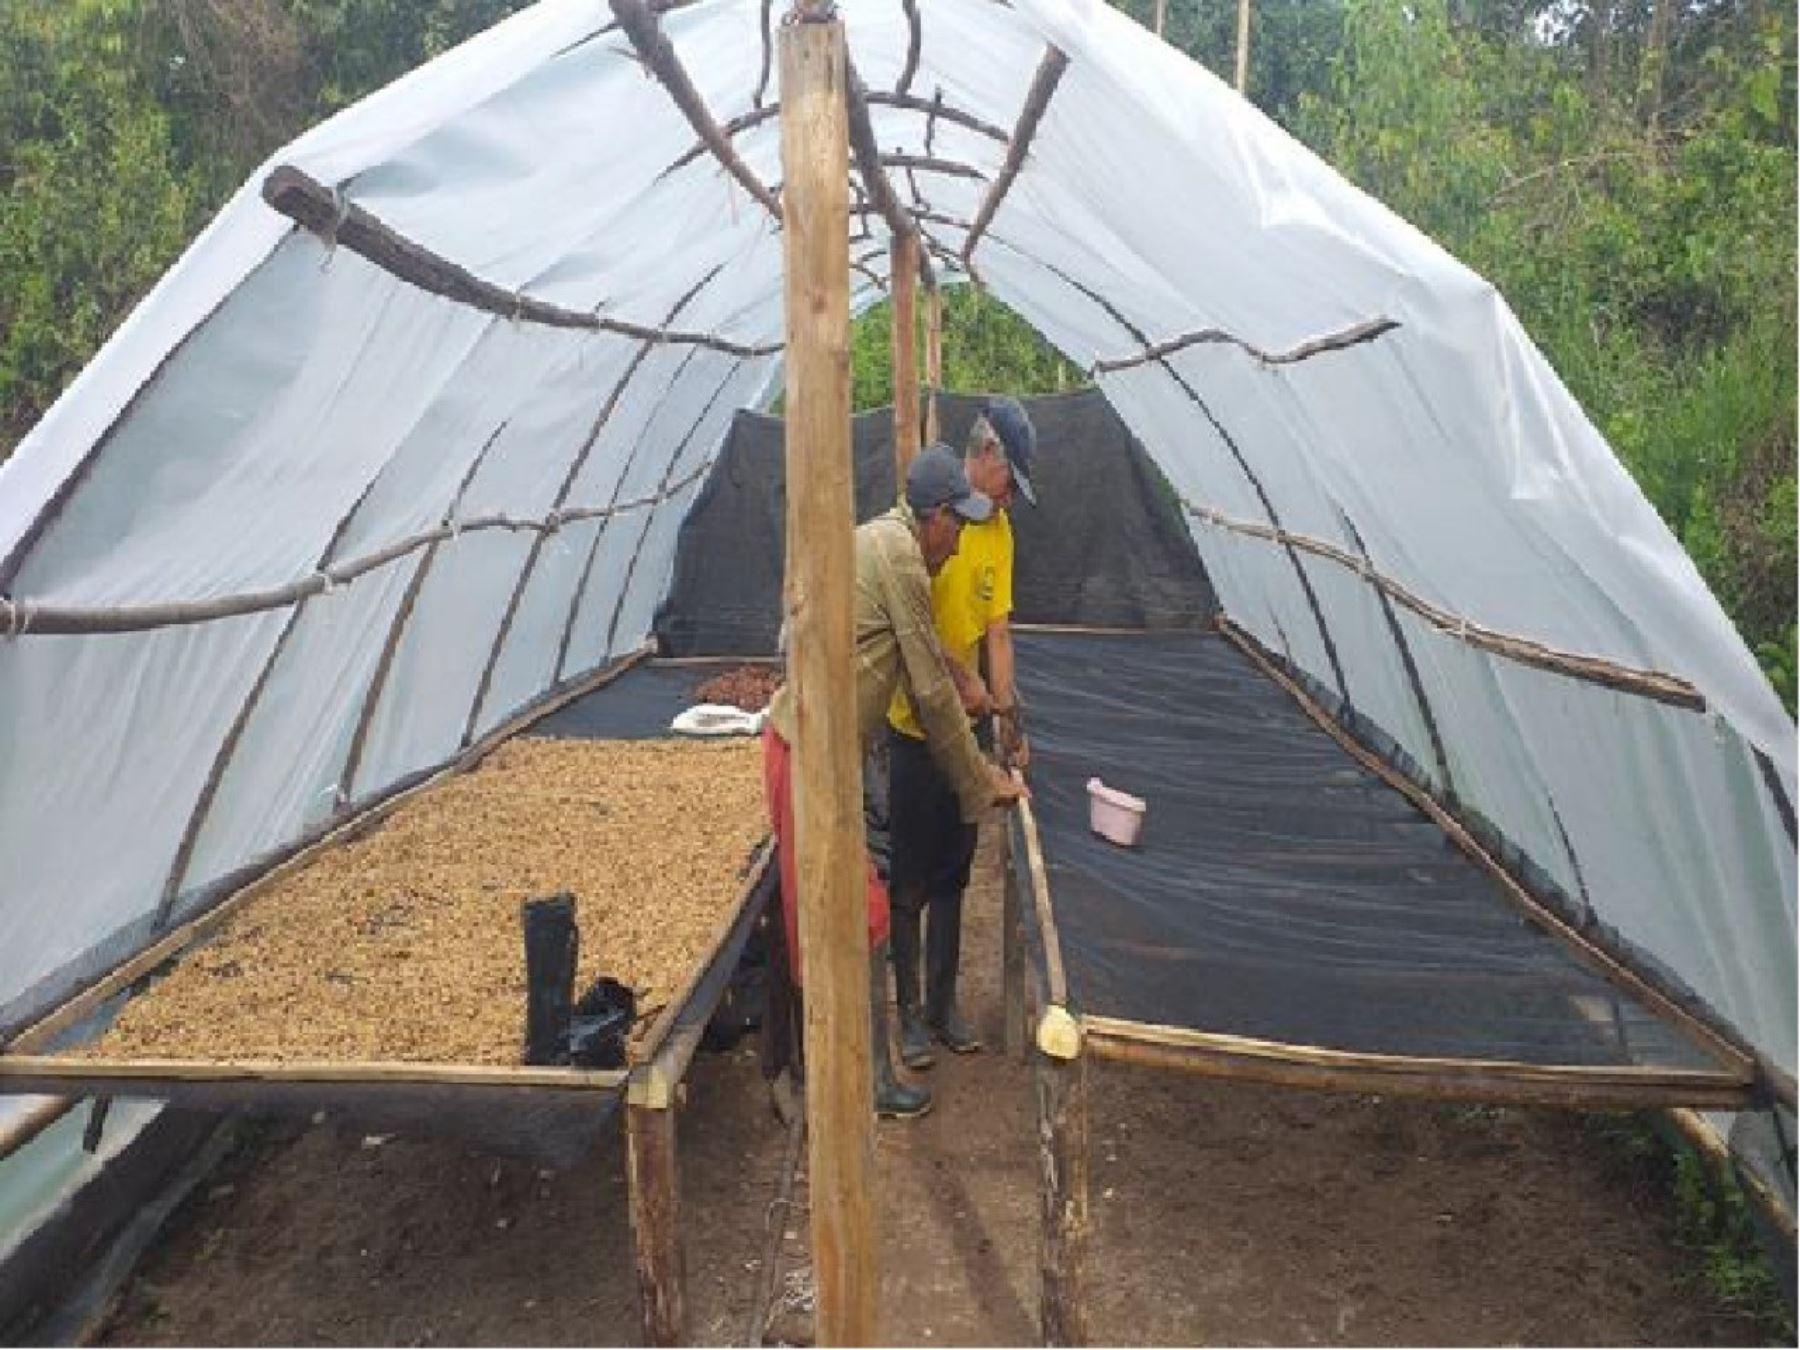 Agricultores indígenas kichwas de San Martín, y Shawi de Loreto apuestan por la tecnología para mejorar producción agrícola. Foto: Difusión/Foncodes